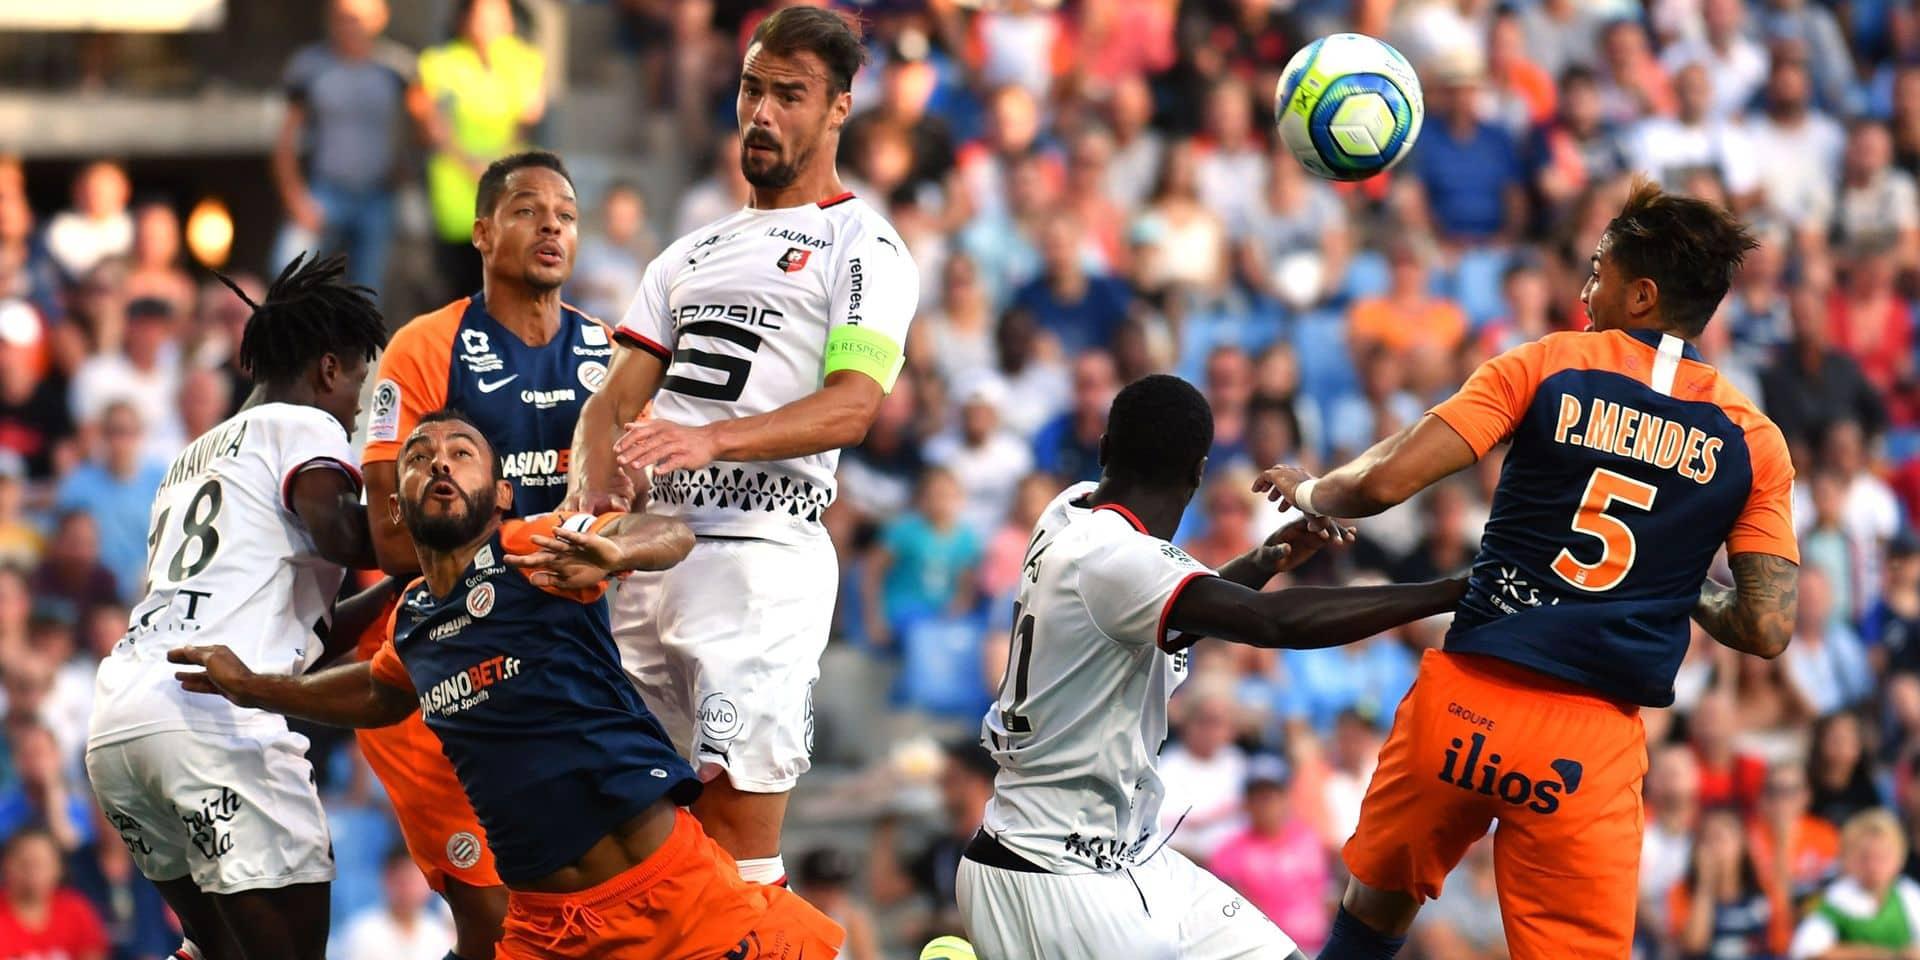 Il touche la transversale trois fois de suite à 30 mètres à la mi-temps du match de Montpellier, il empoche 50.000€ !